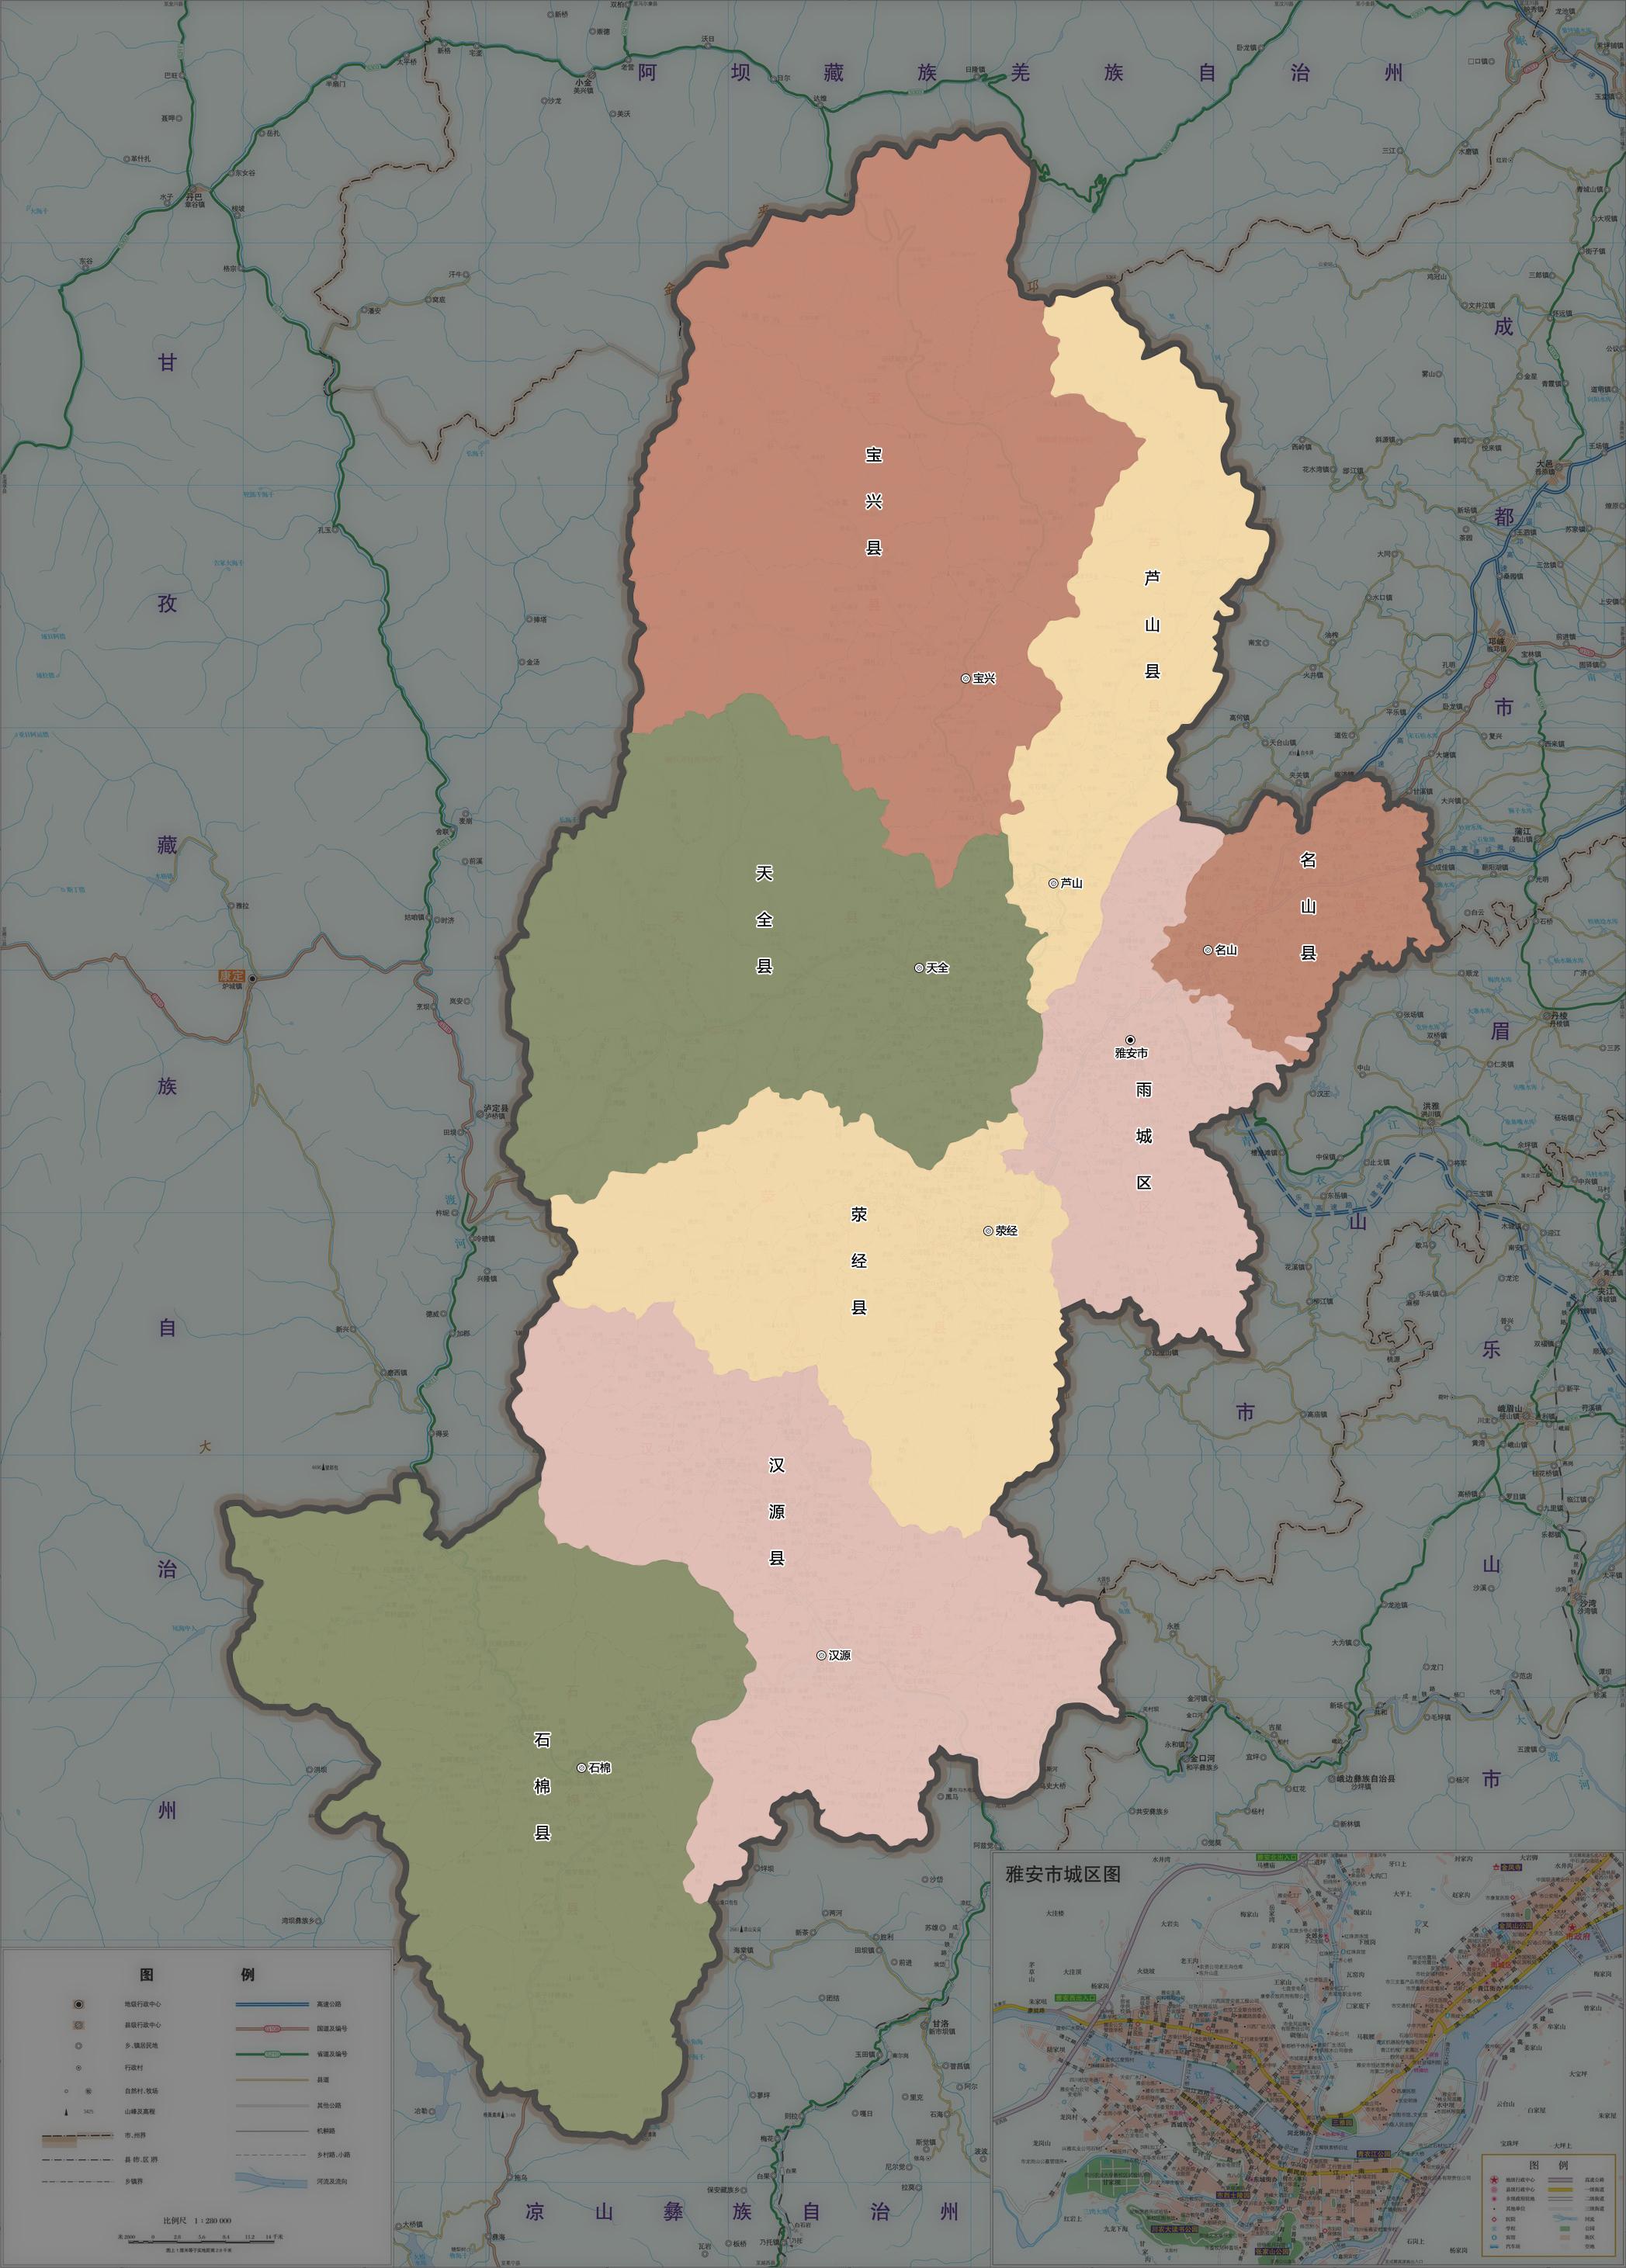 芦山风景区平面地图